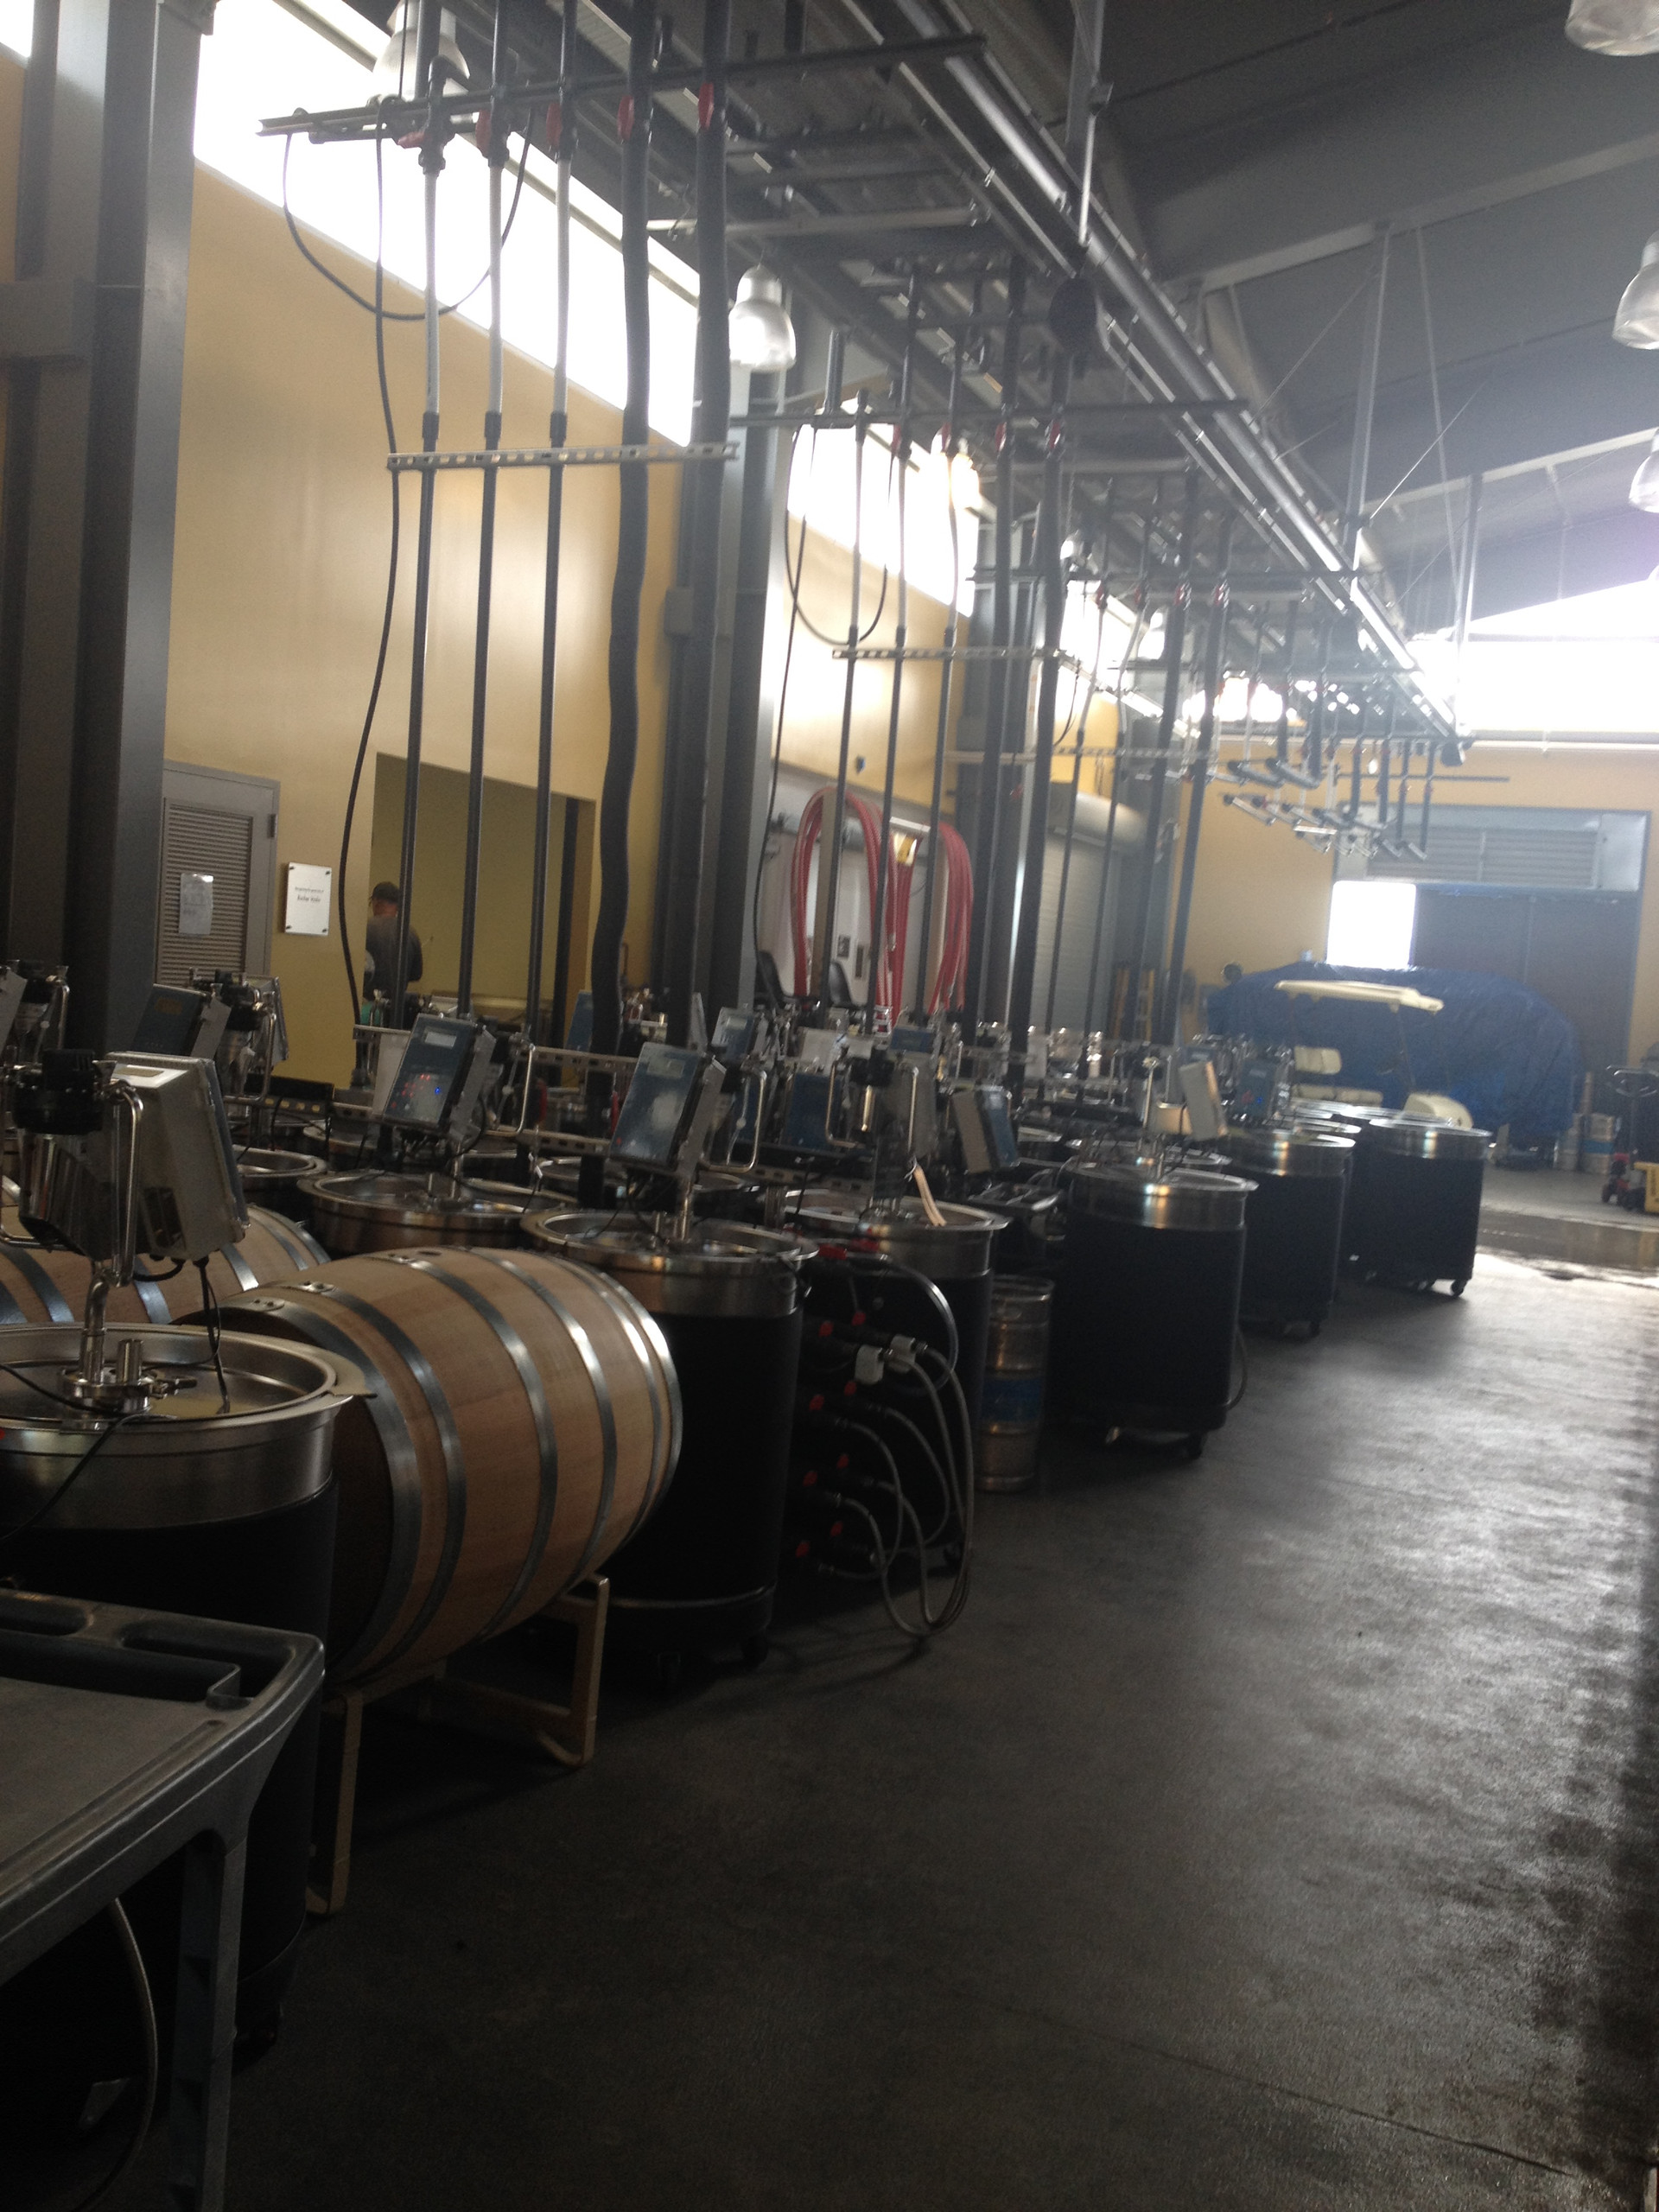 Touring zero waste winery at UC Davis